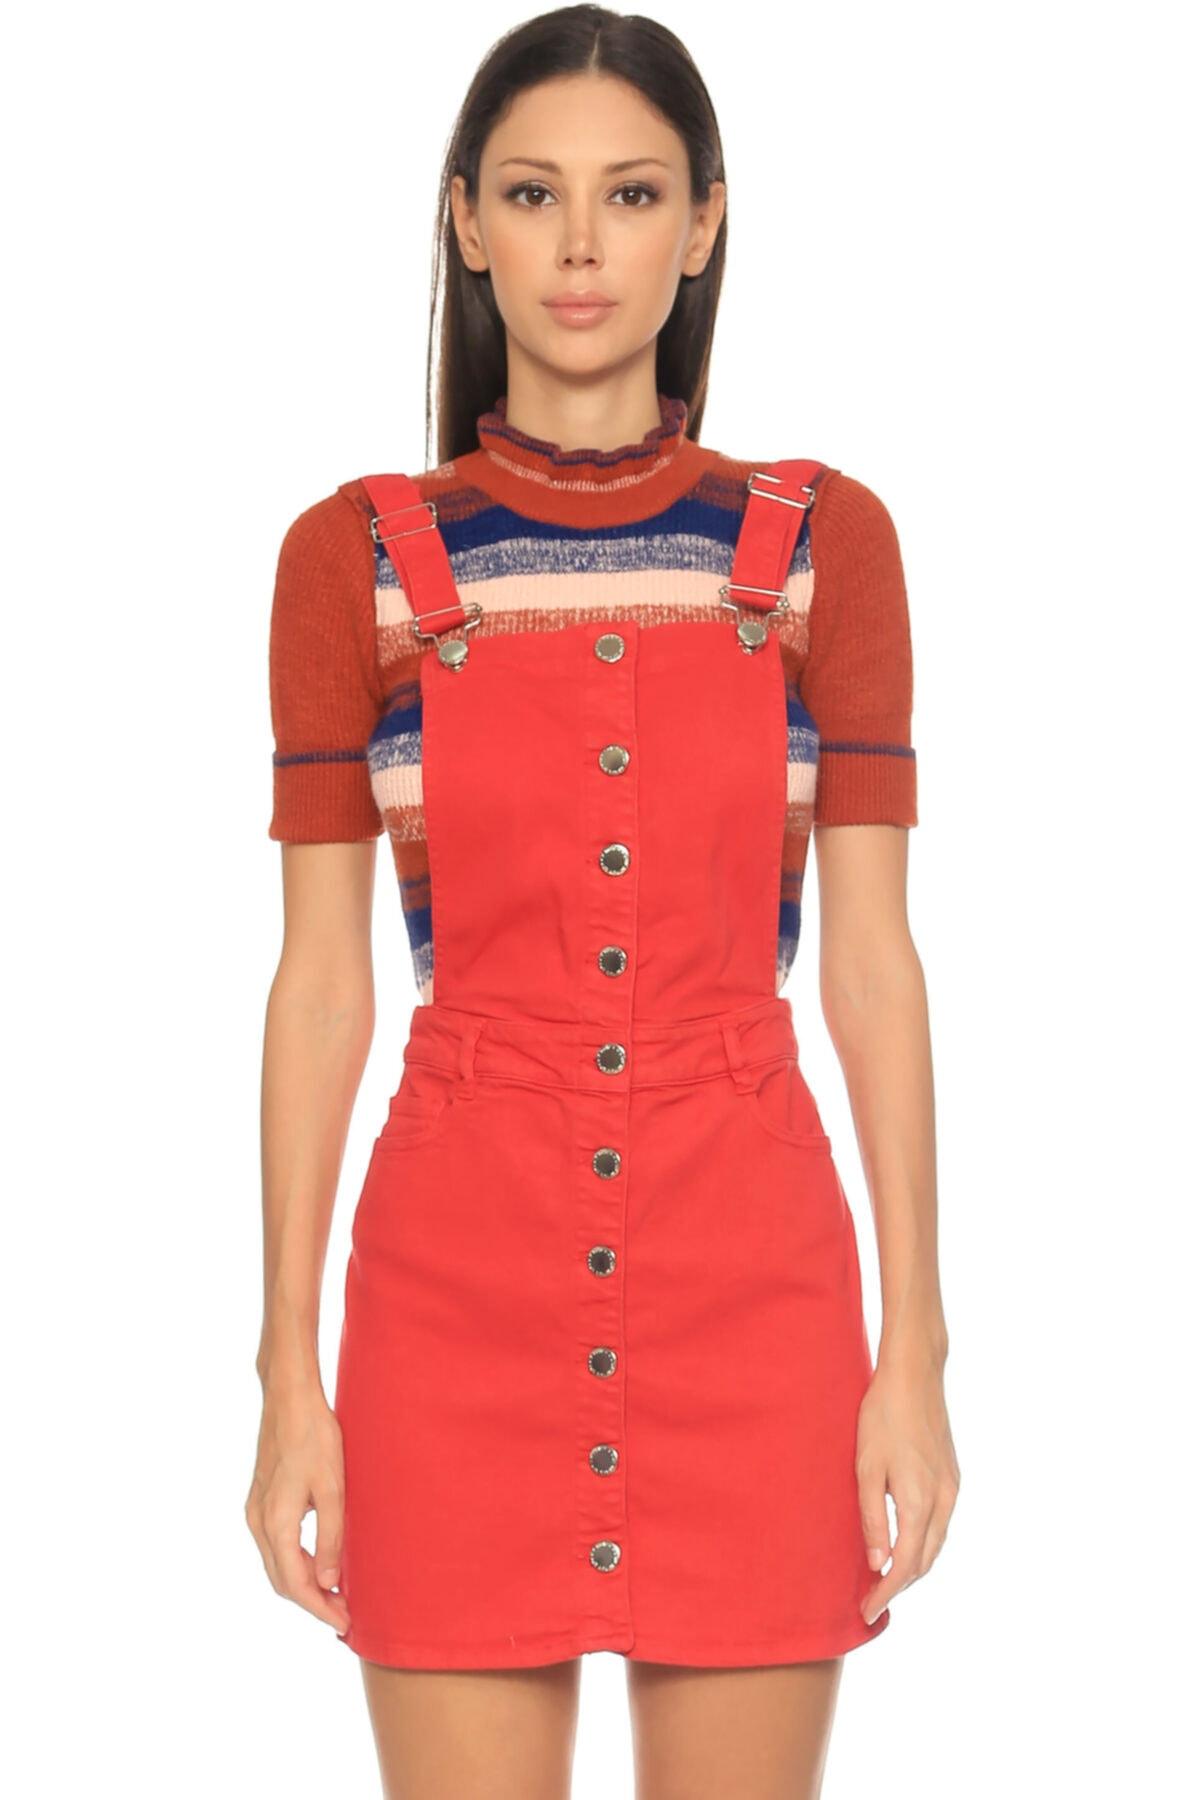 Maje Turuncu Elbise 2